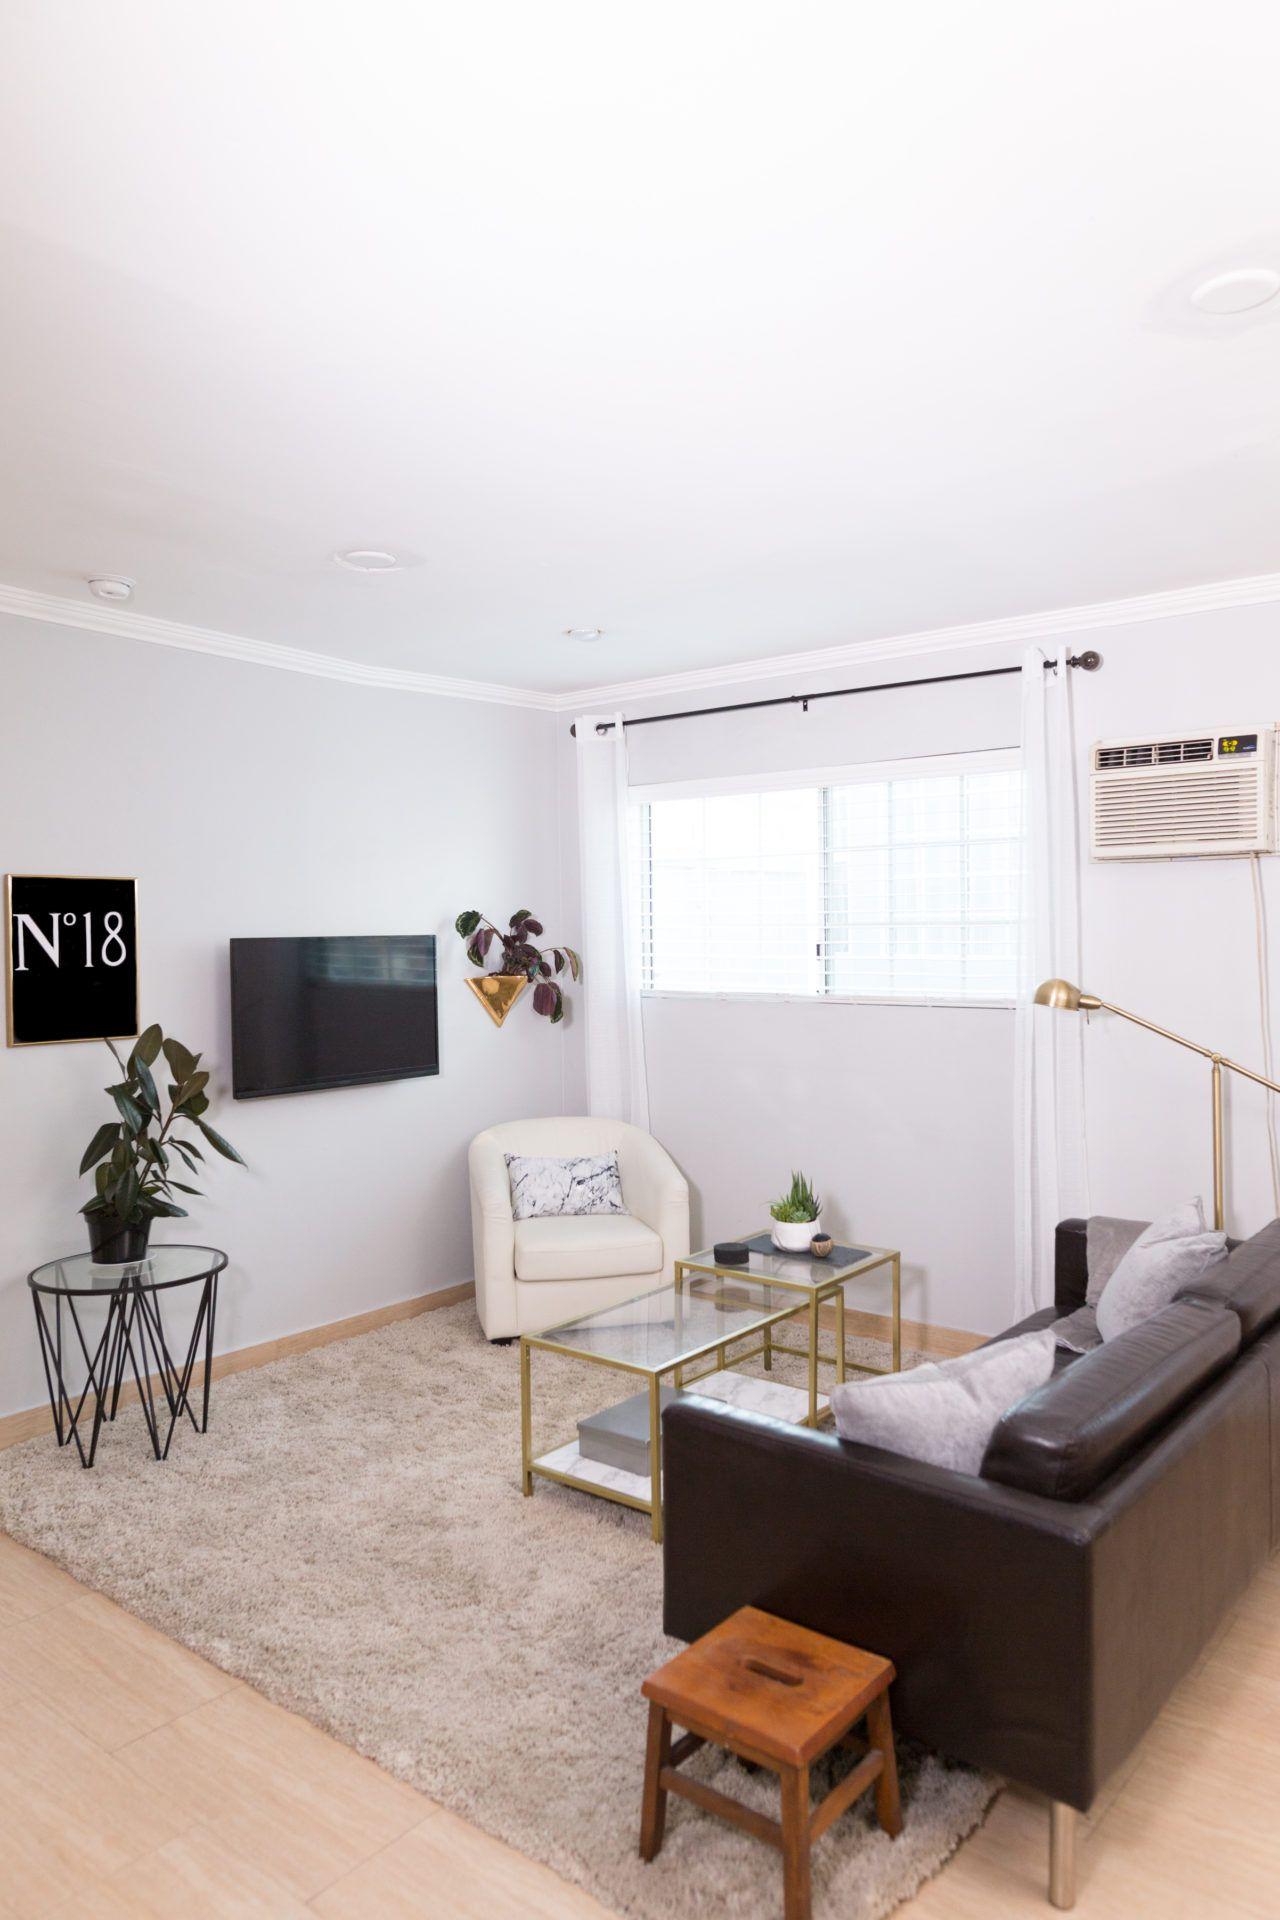 Tumblr Minimalist Living Room On A Budget Simple Living Room Designs Living Room On A Budget Living Room Decor Rustic #zen #living #room #on #a #budget